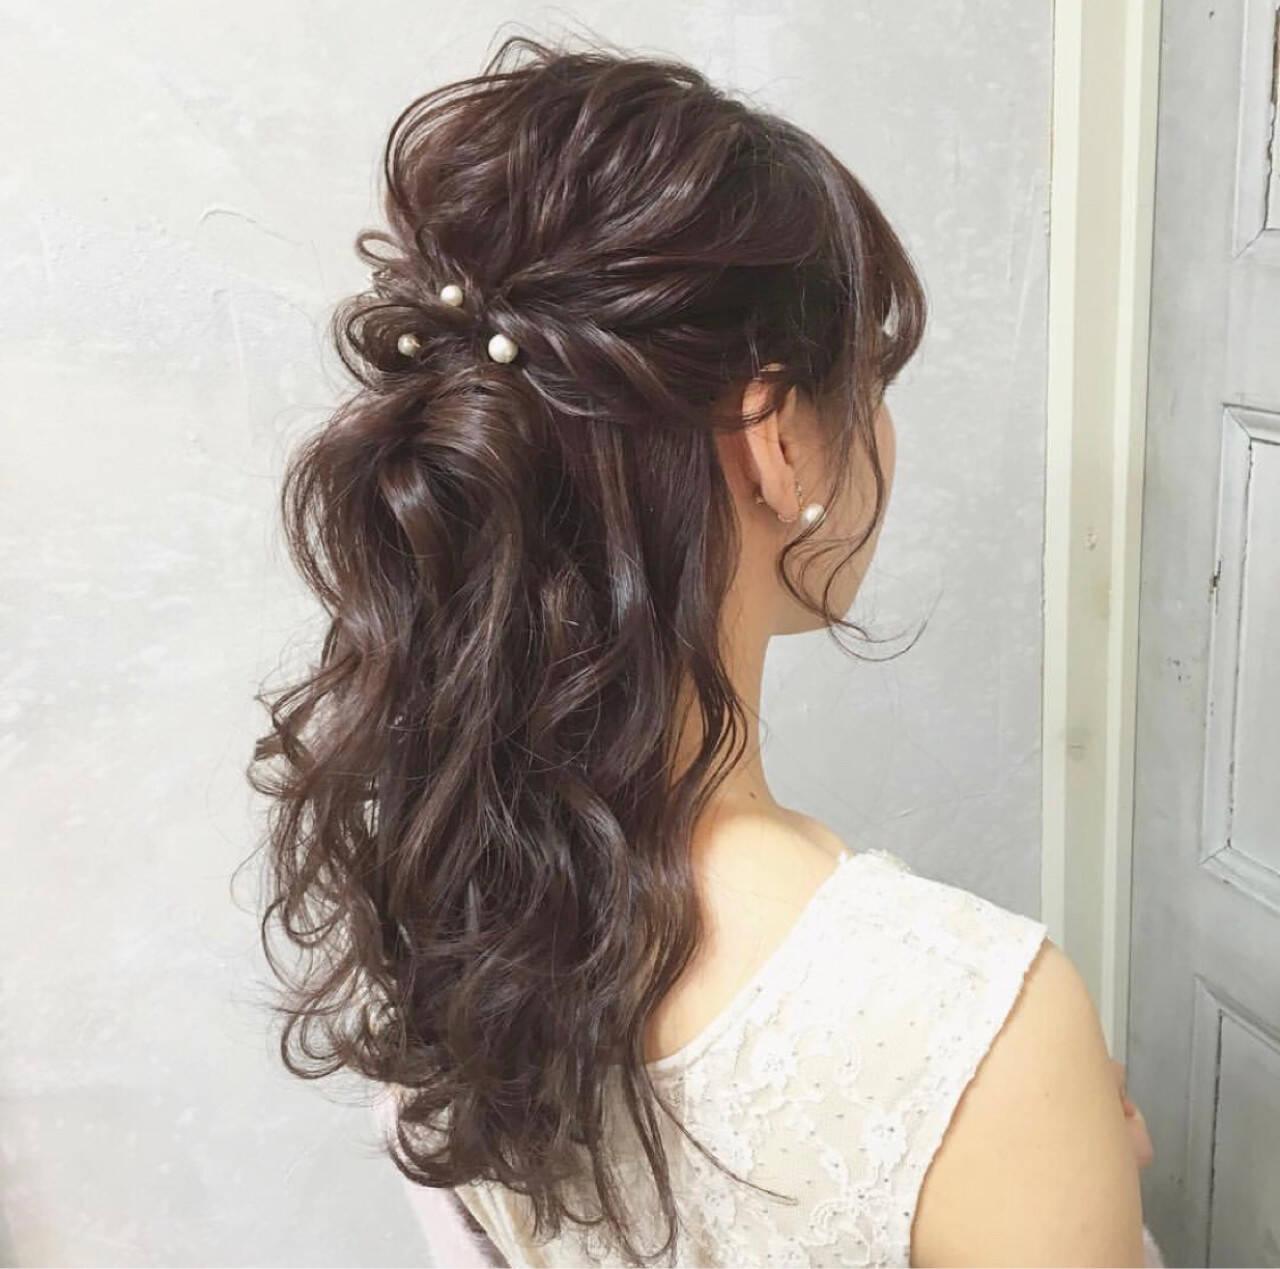 成人式 簡単ヘアアレンジ 謝恩会 結婚式ヘアスタイルや髪型の写真・画像